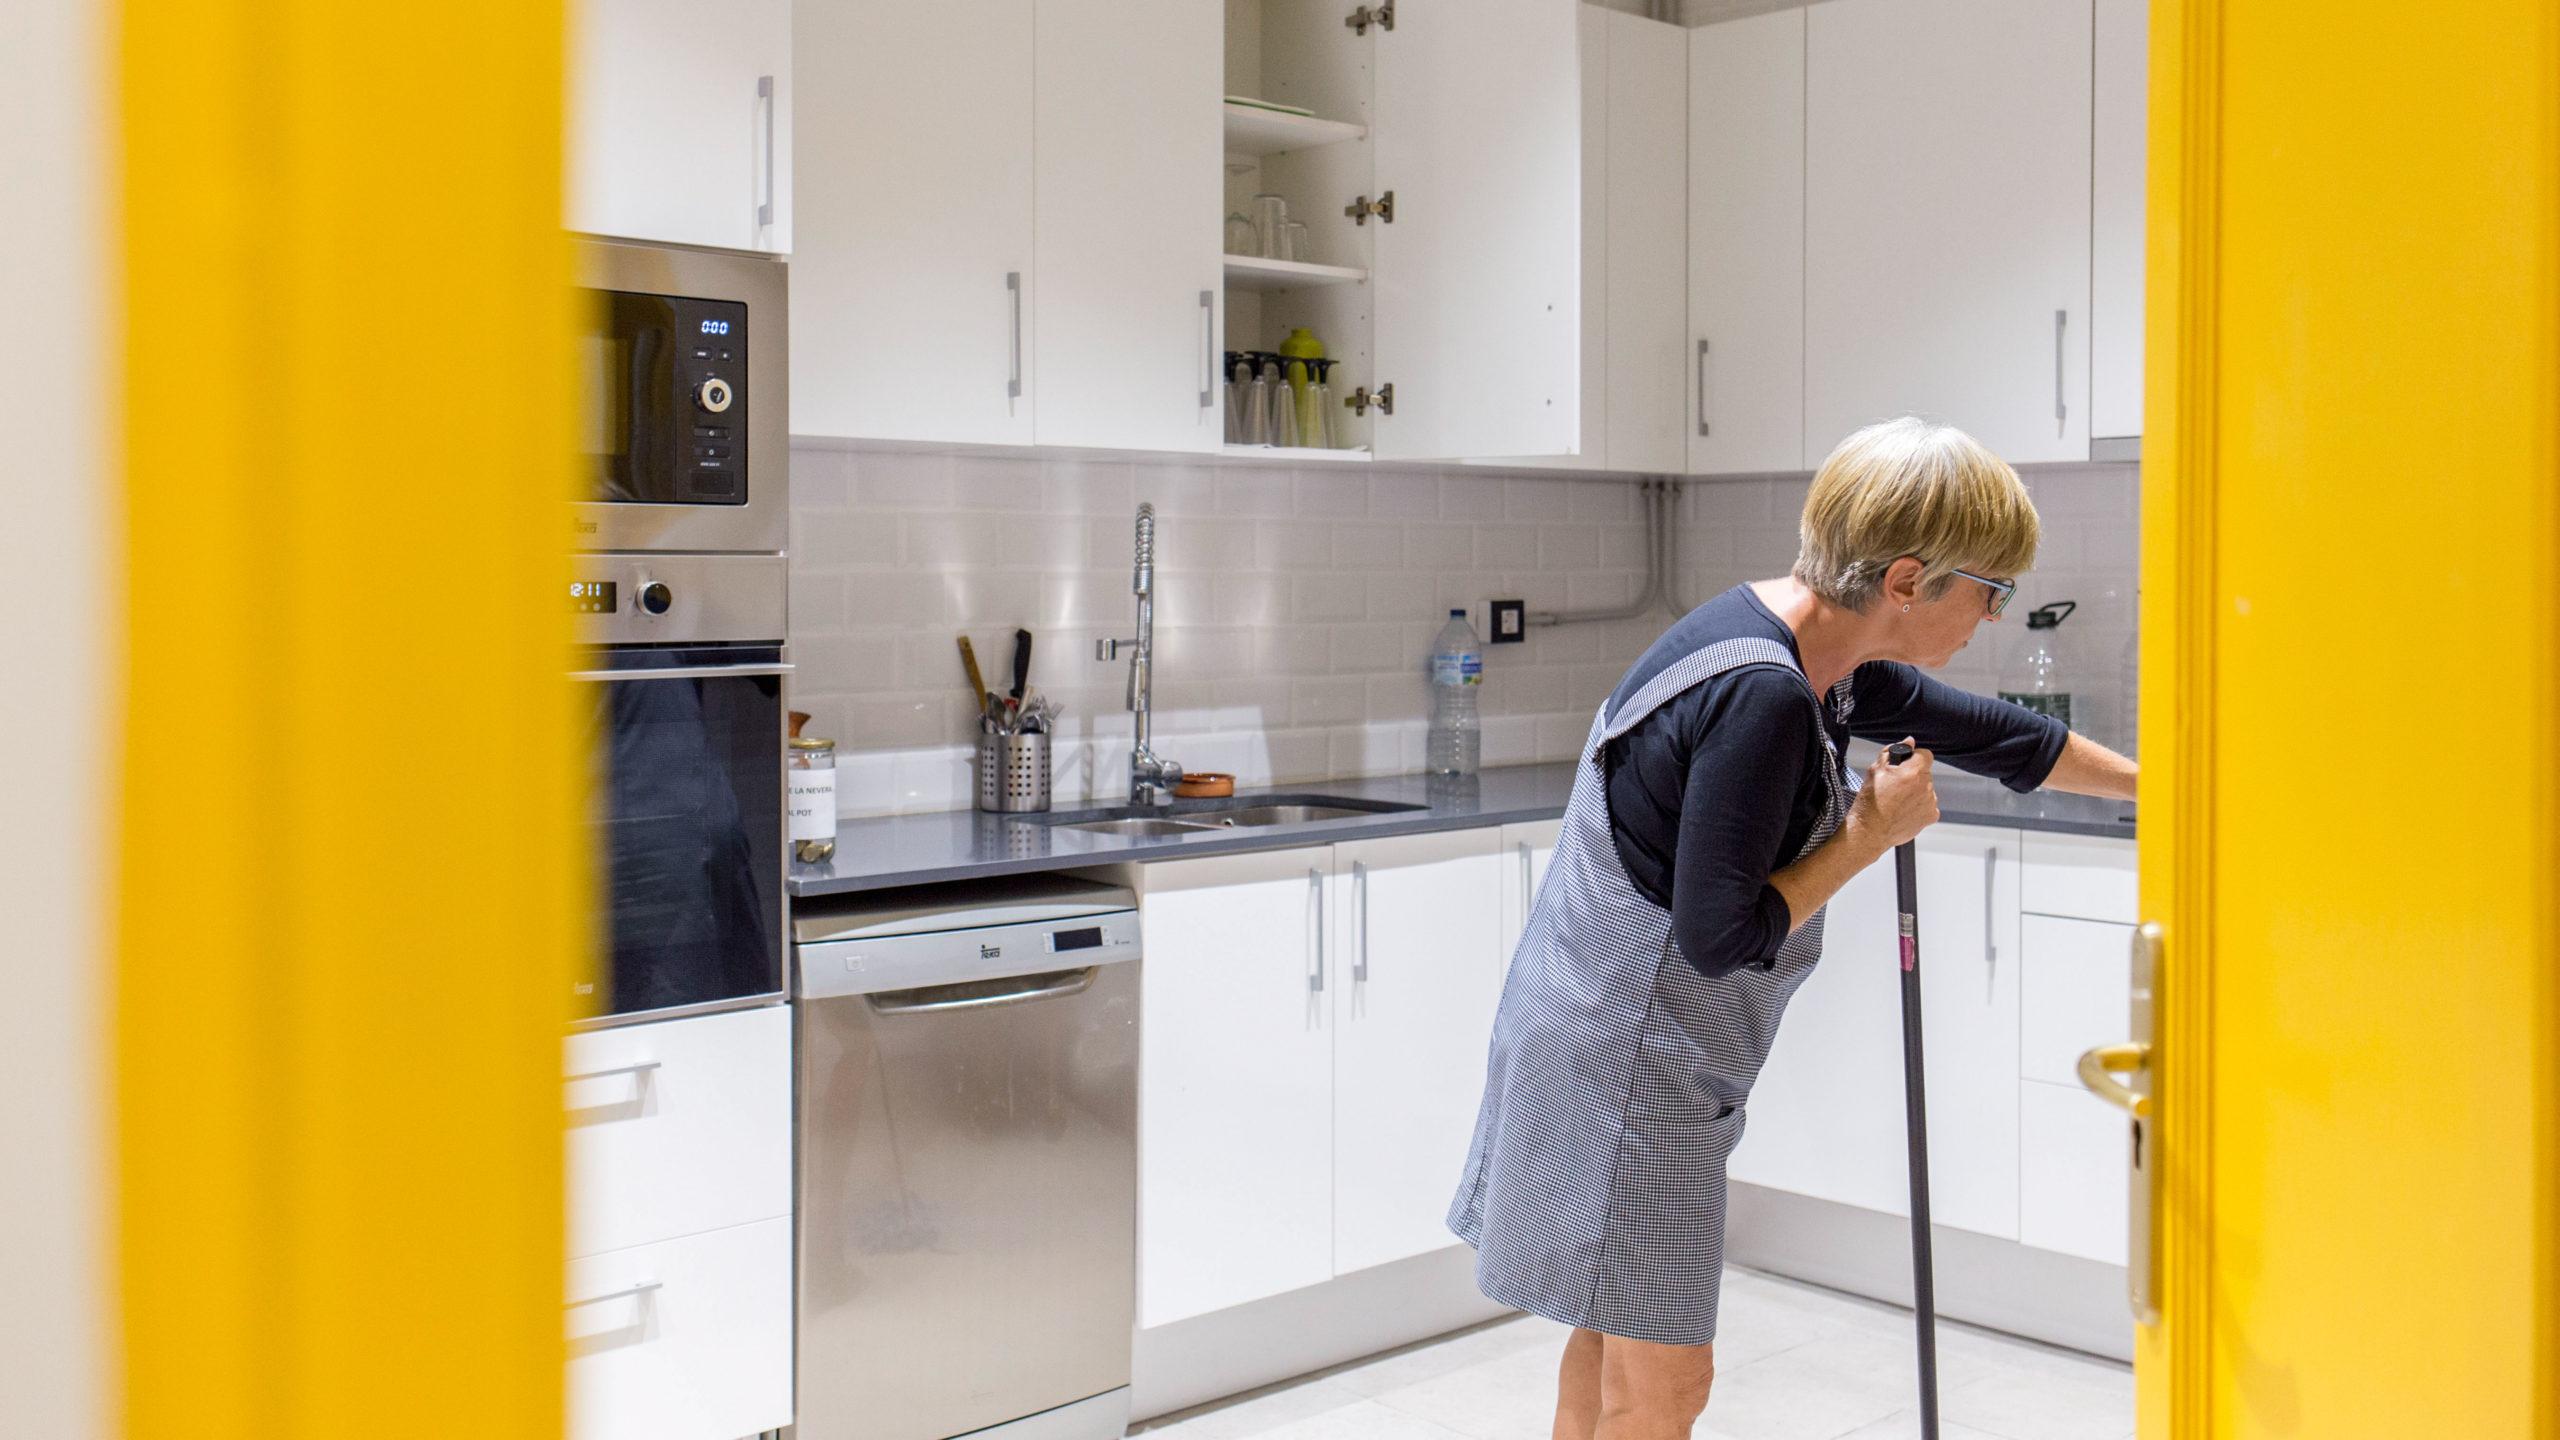 Dona escombrant la cuina